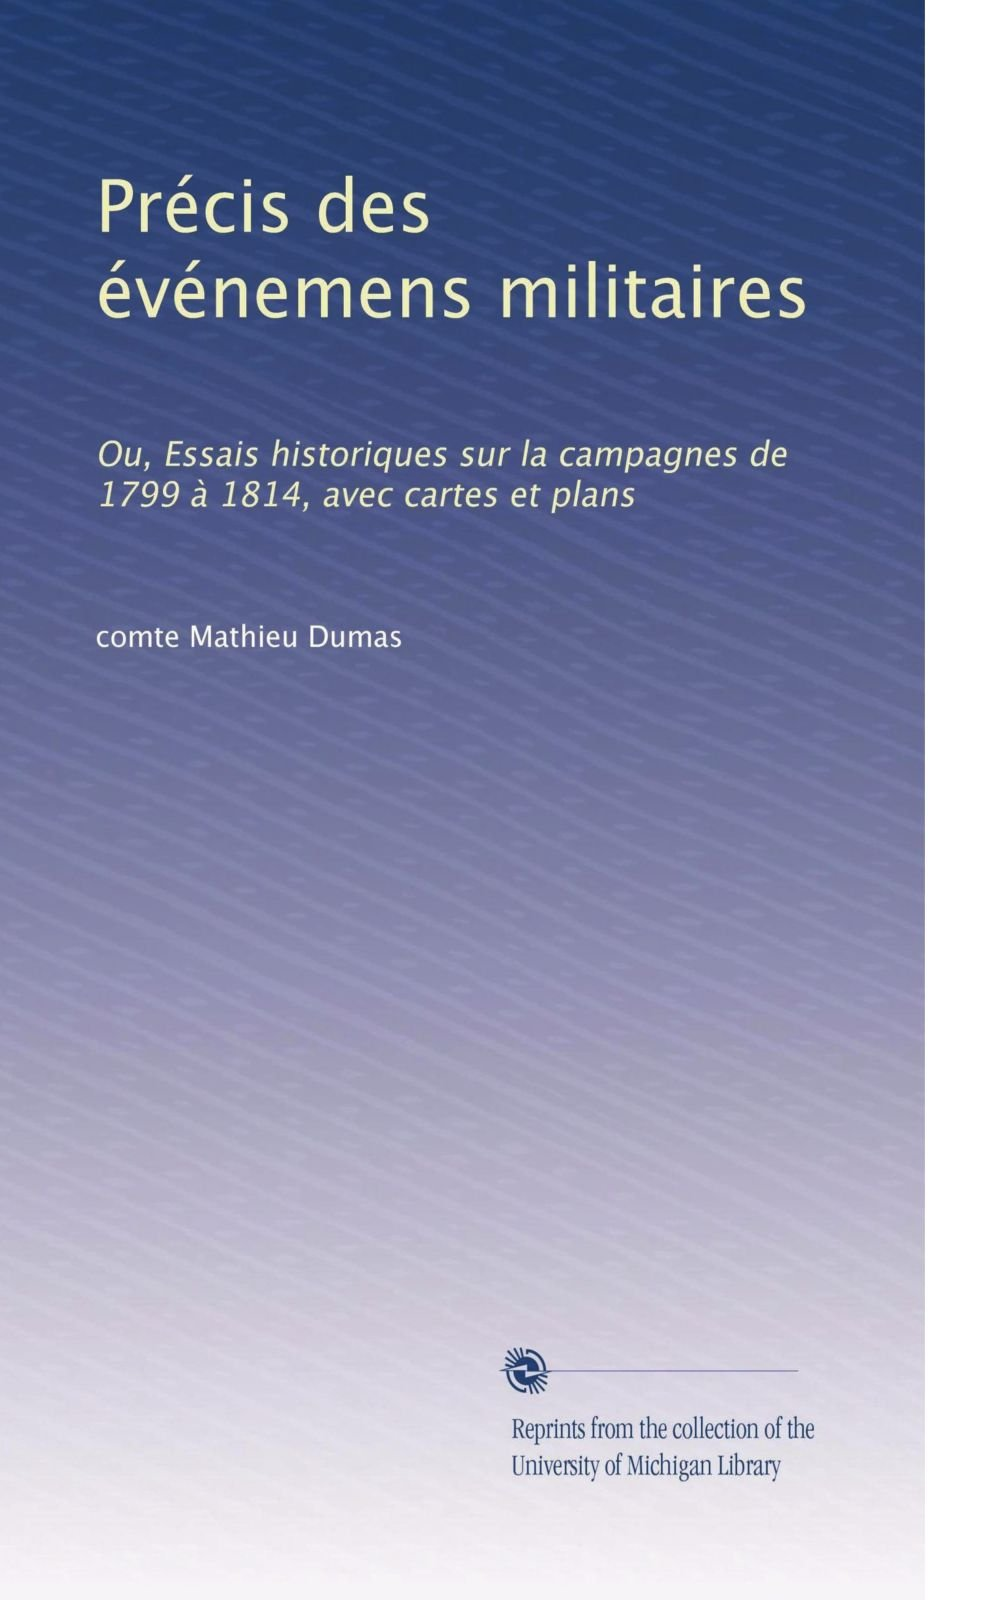 Précis des événemens militaires: Ou, Essais historiques sur la campagnes de 1799 à 1814, avec cartes et plans (French Edition) ebook